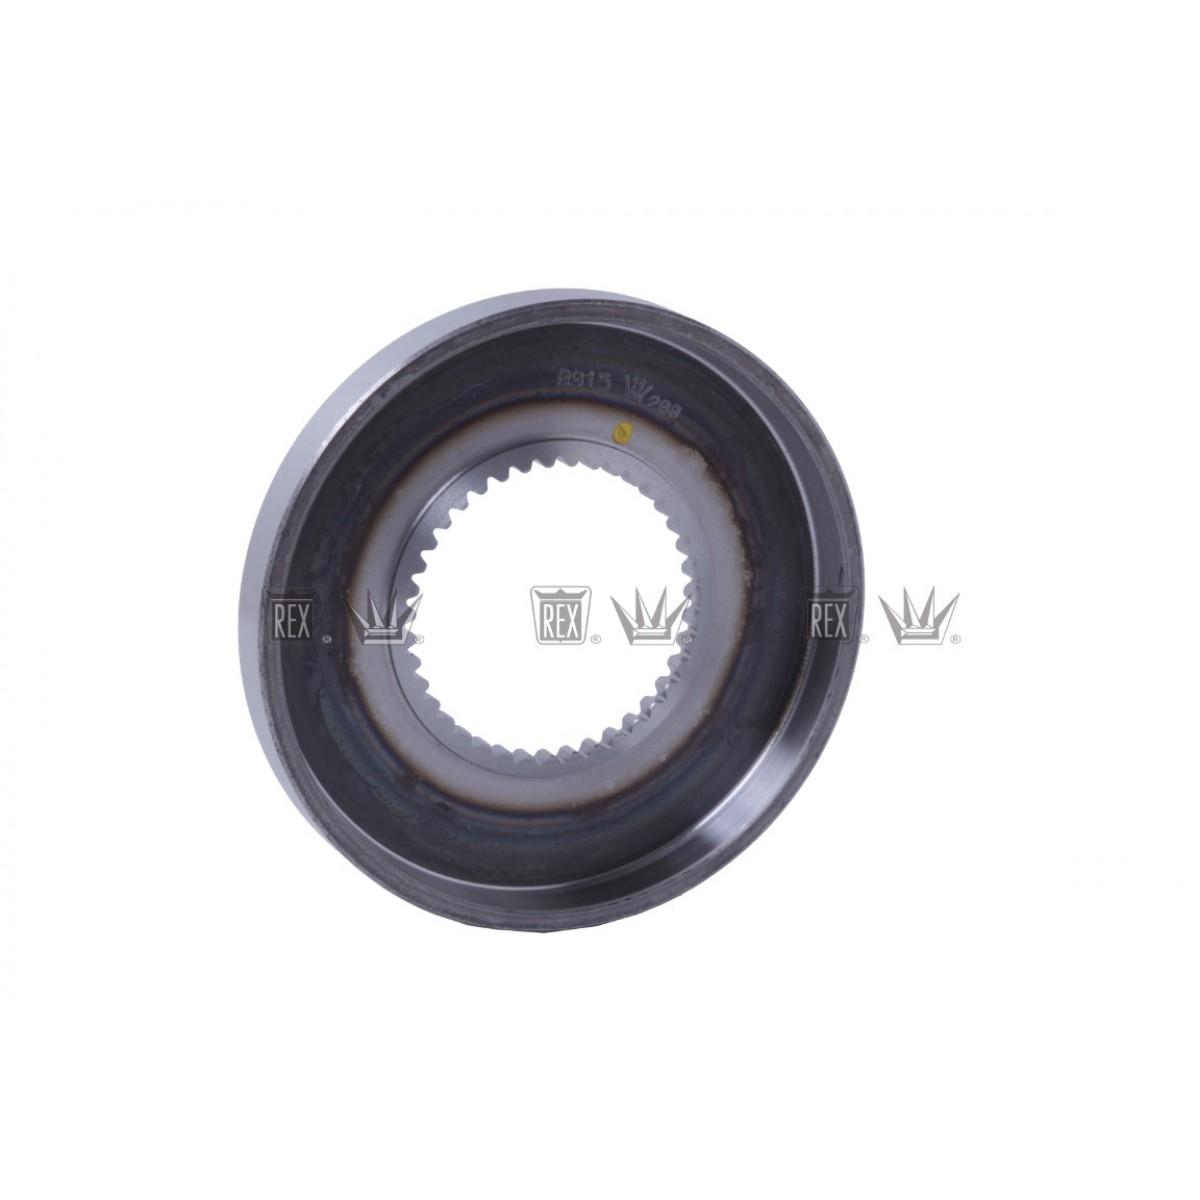 Capa sincronizada 4 marcha caixa cambio Eaton FS4205/FS5205/FSB5305